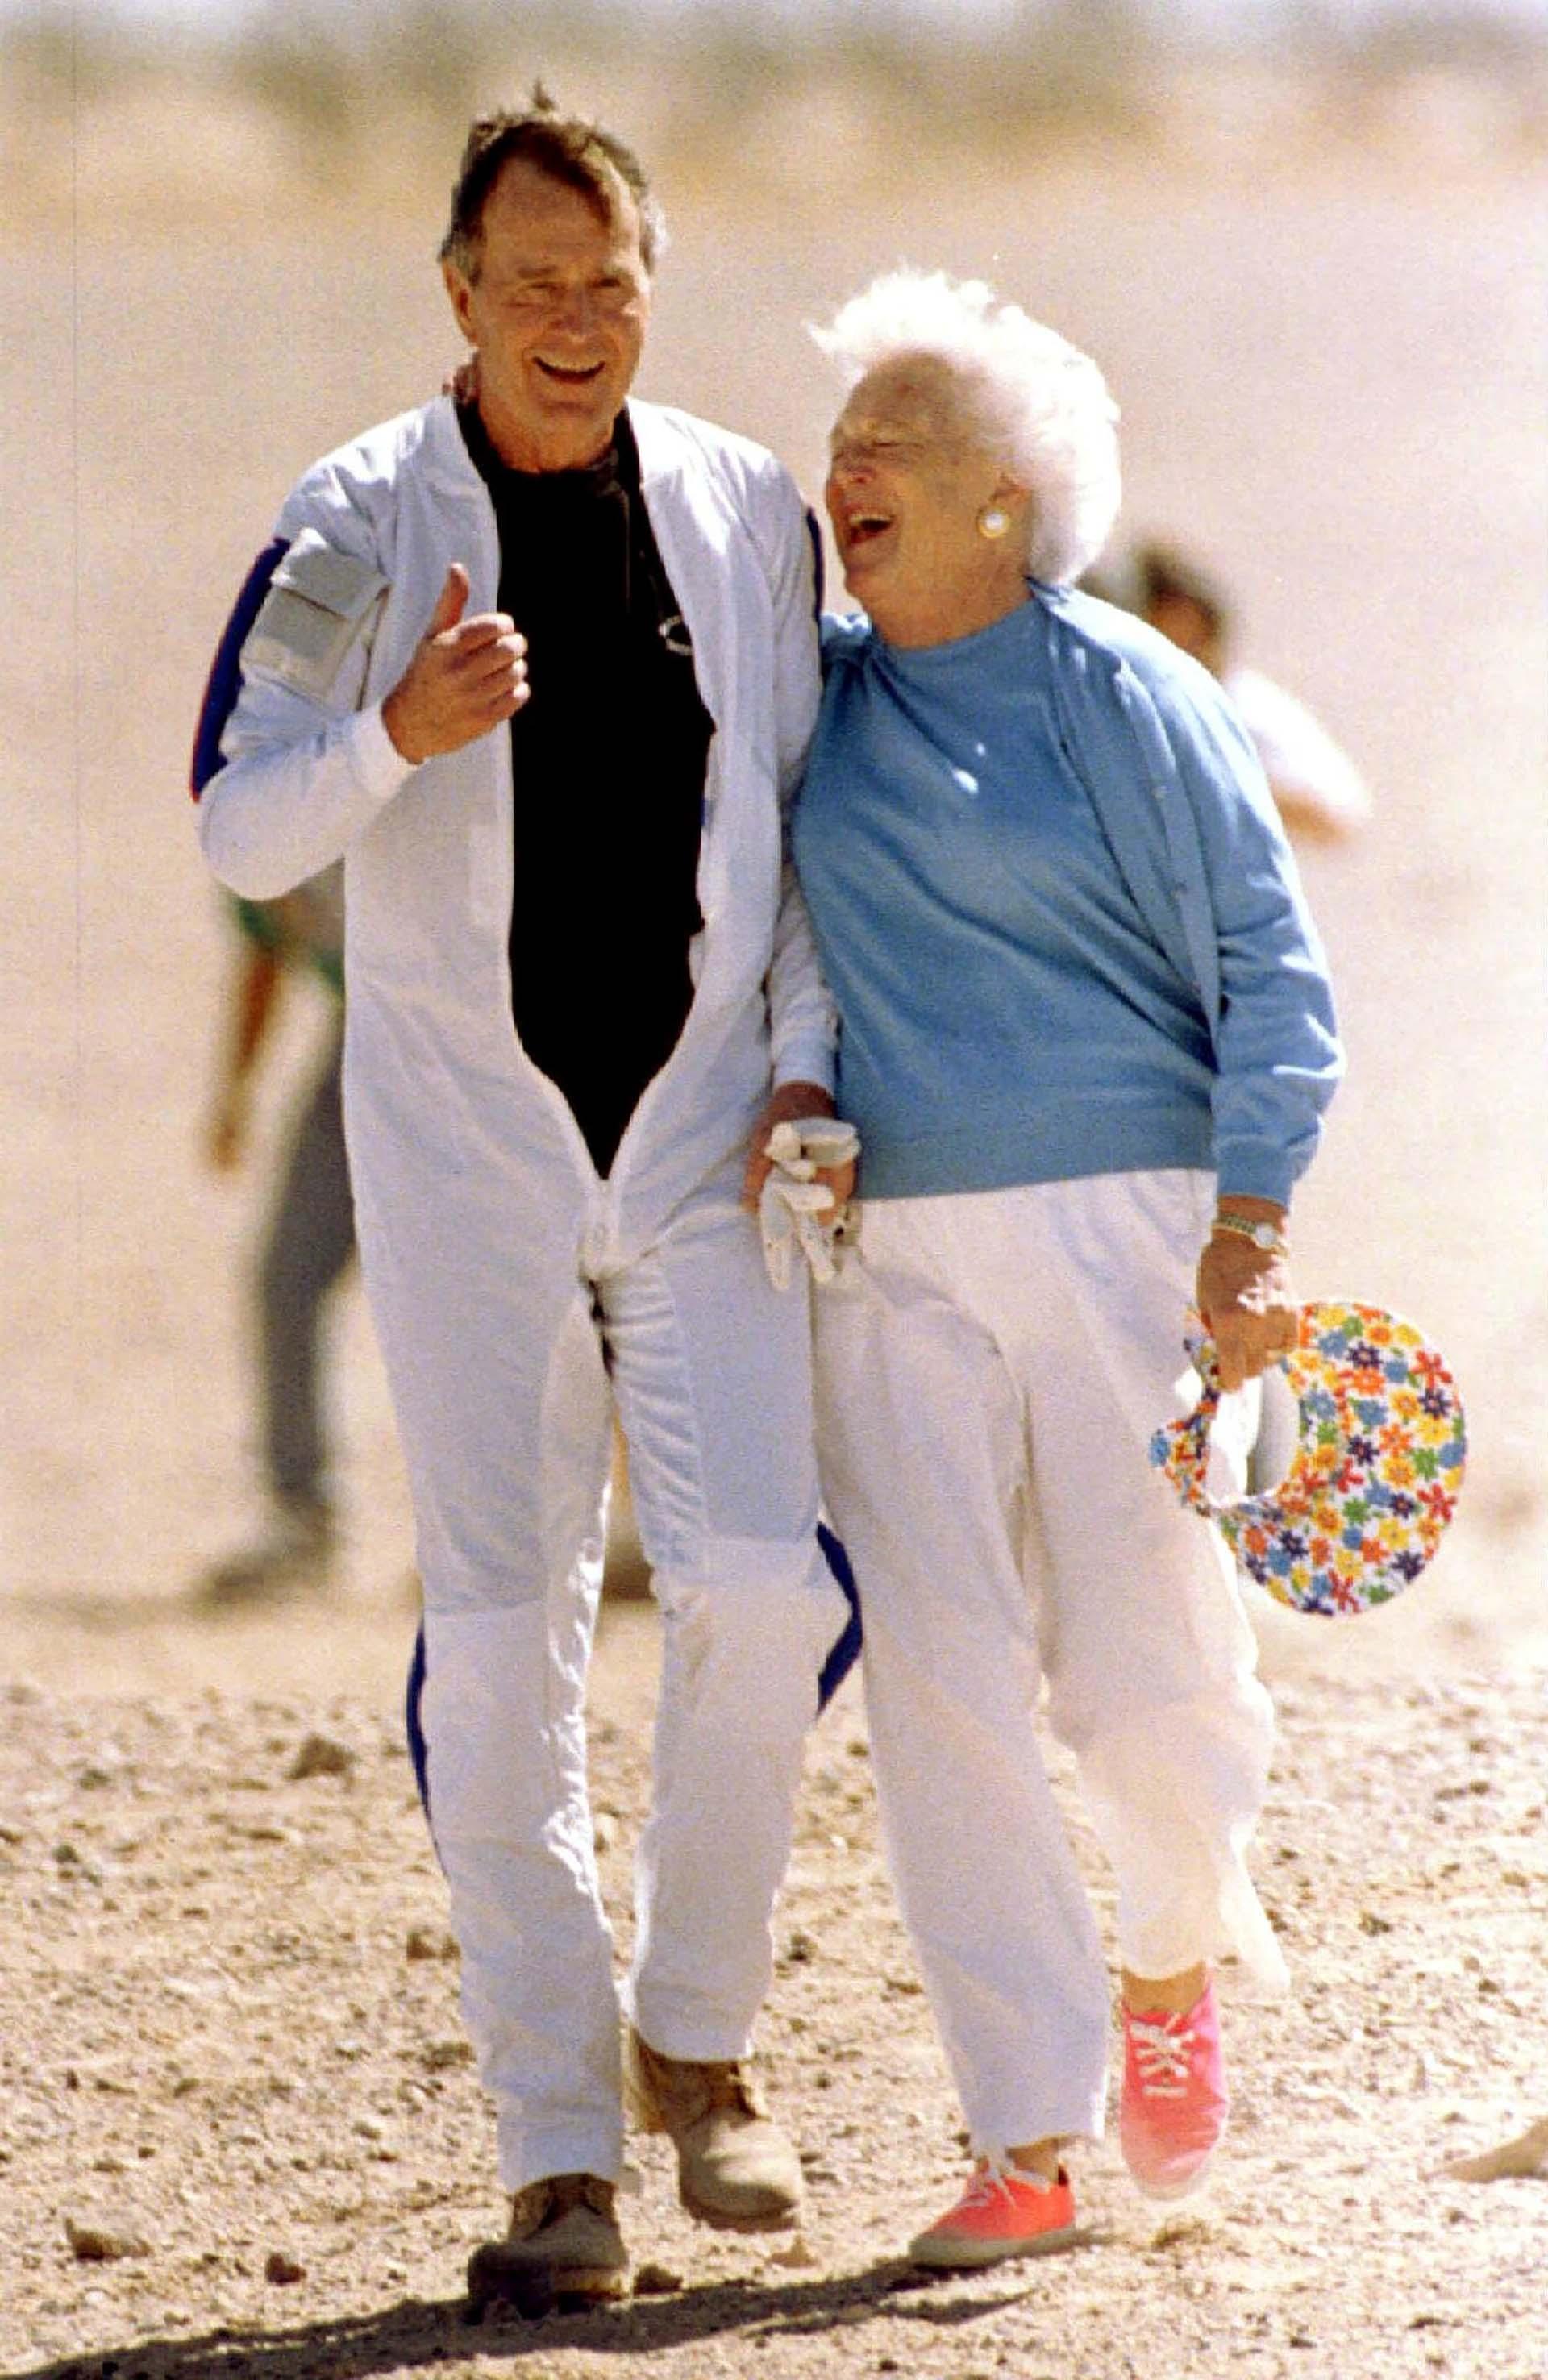 Barbarafestejó un salto en paracaídasdesu esposo en Yuma el 25 de marzo de 1997